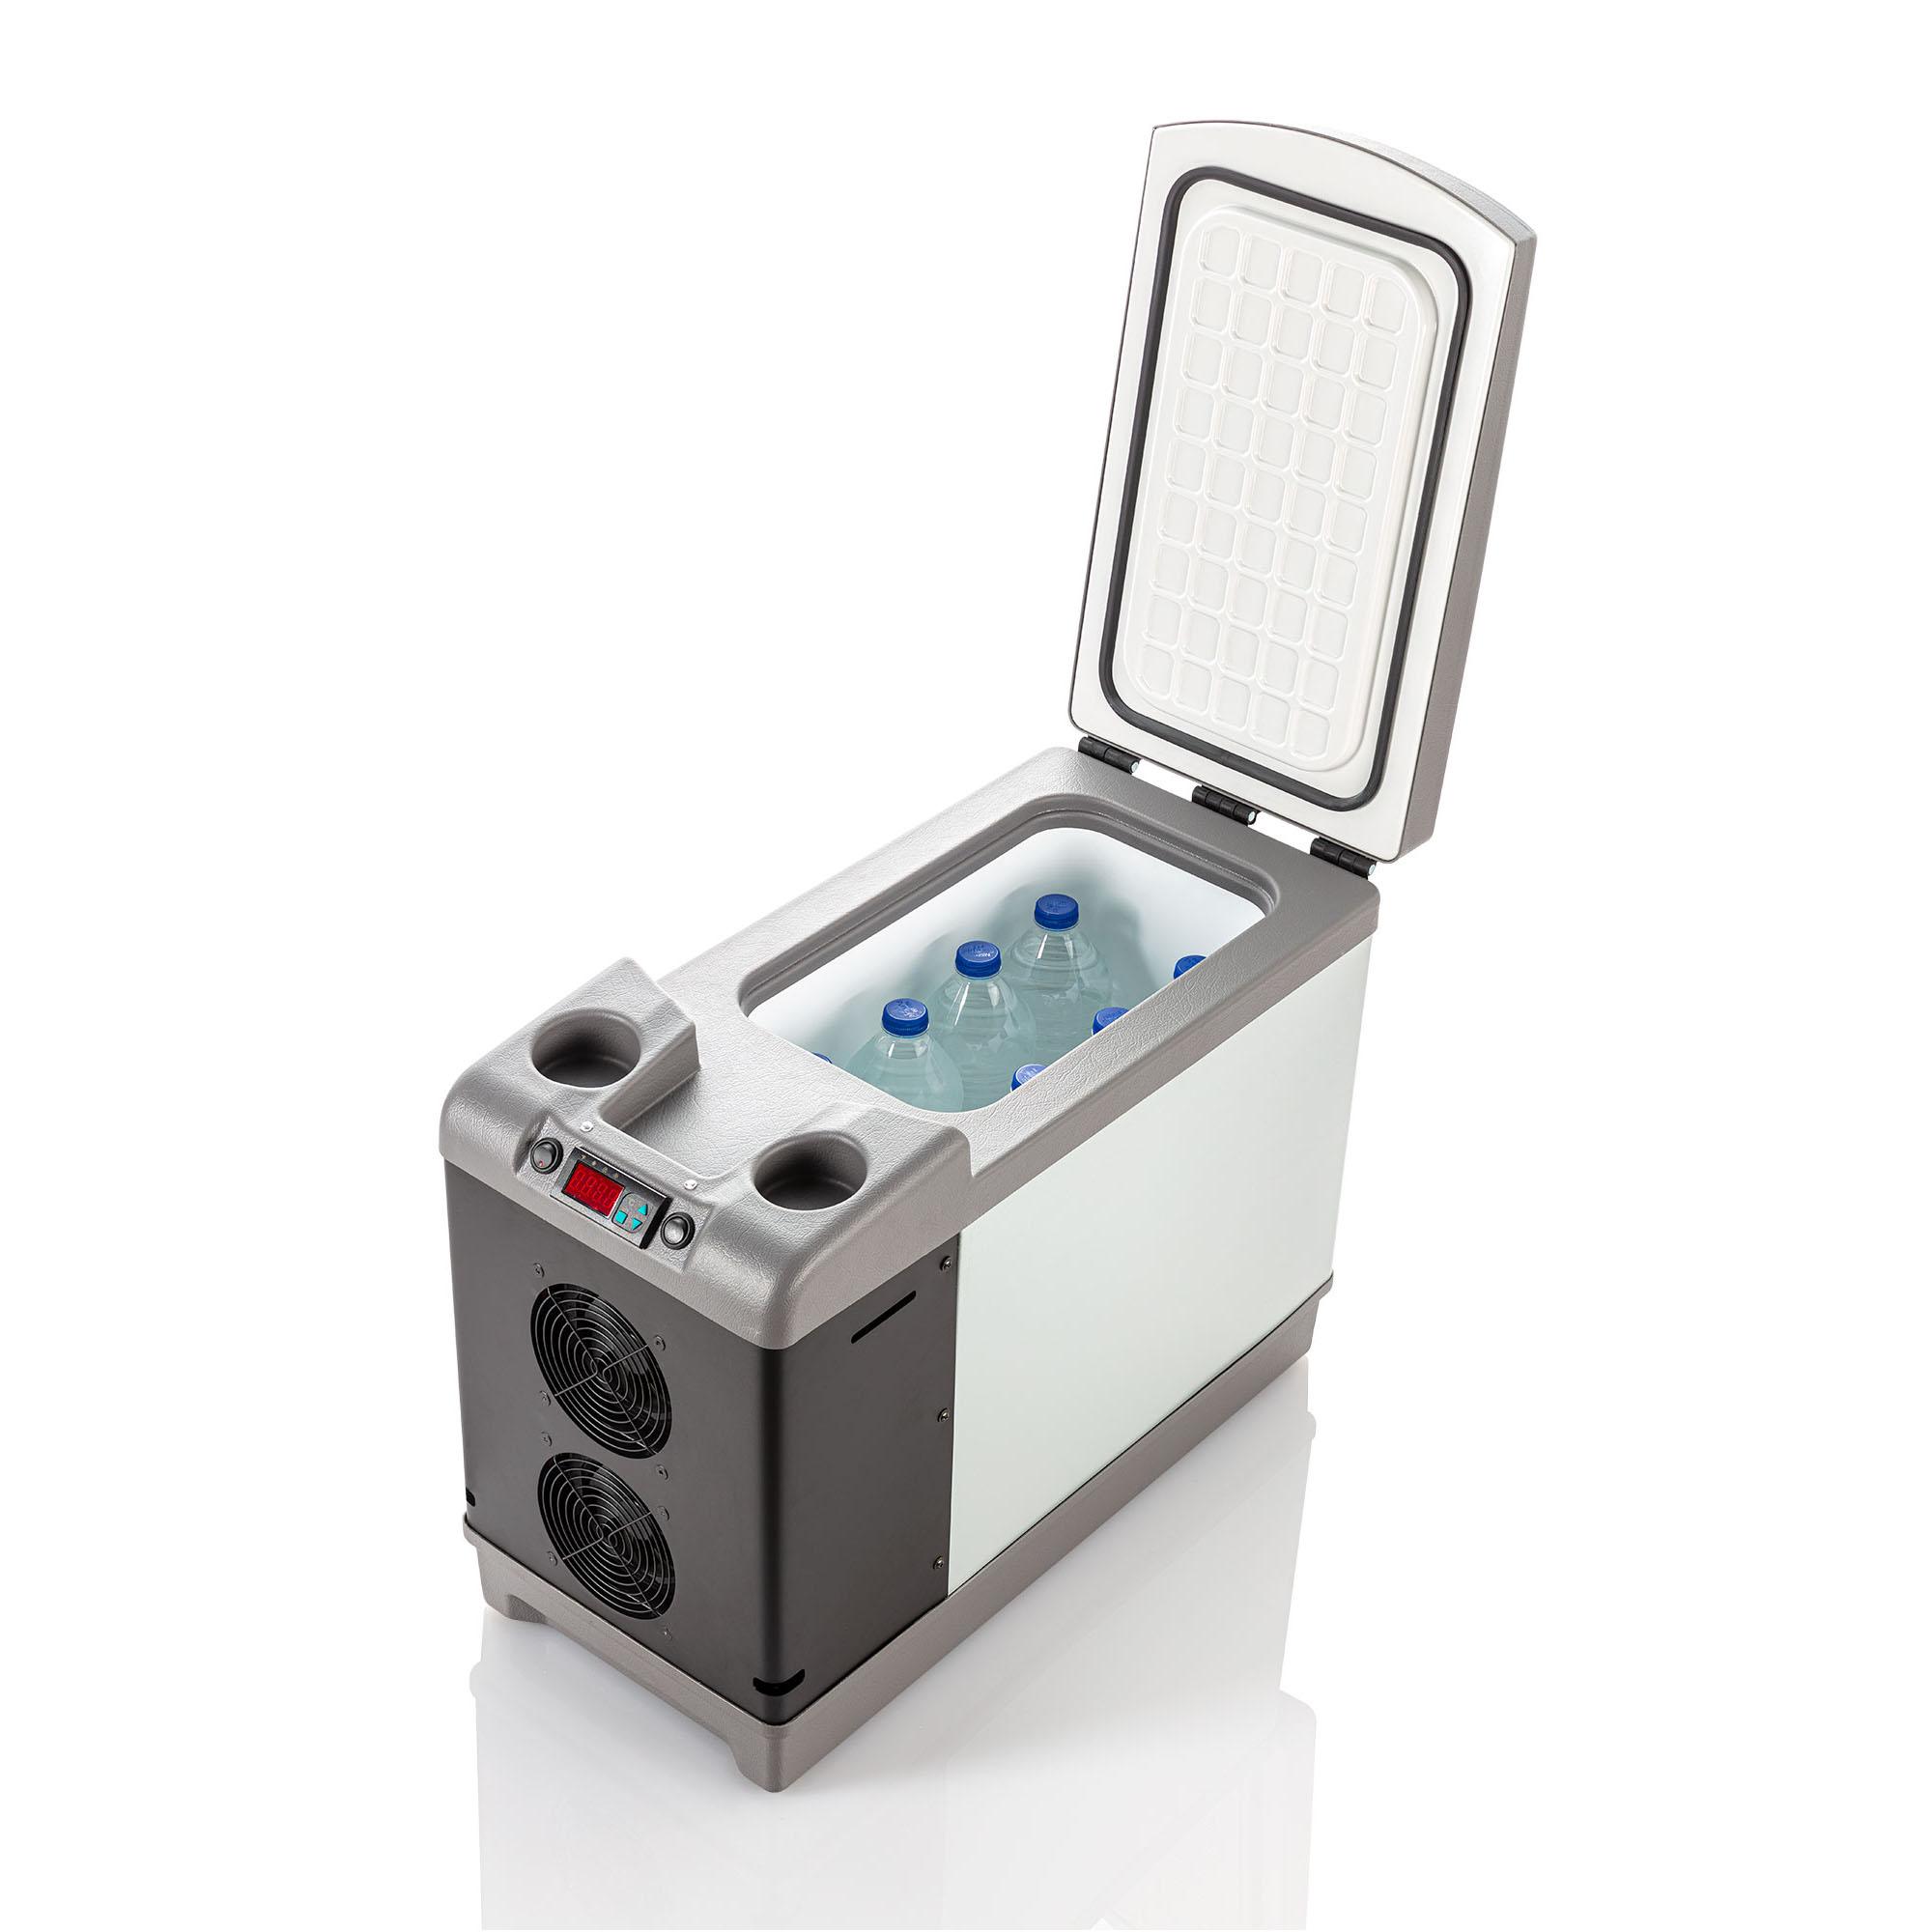 MEC 3046 / 28 LT Soğutucu Araç Buzdolabı